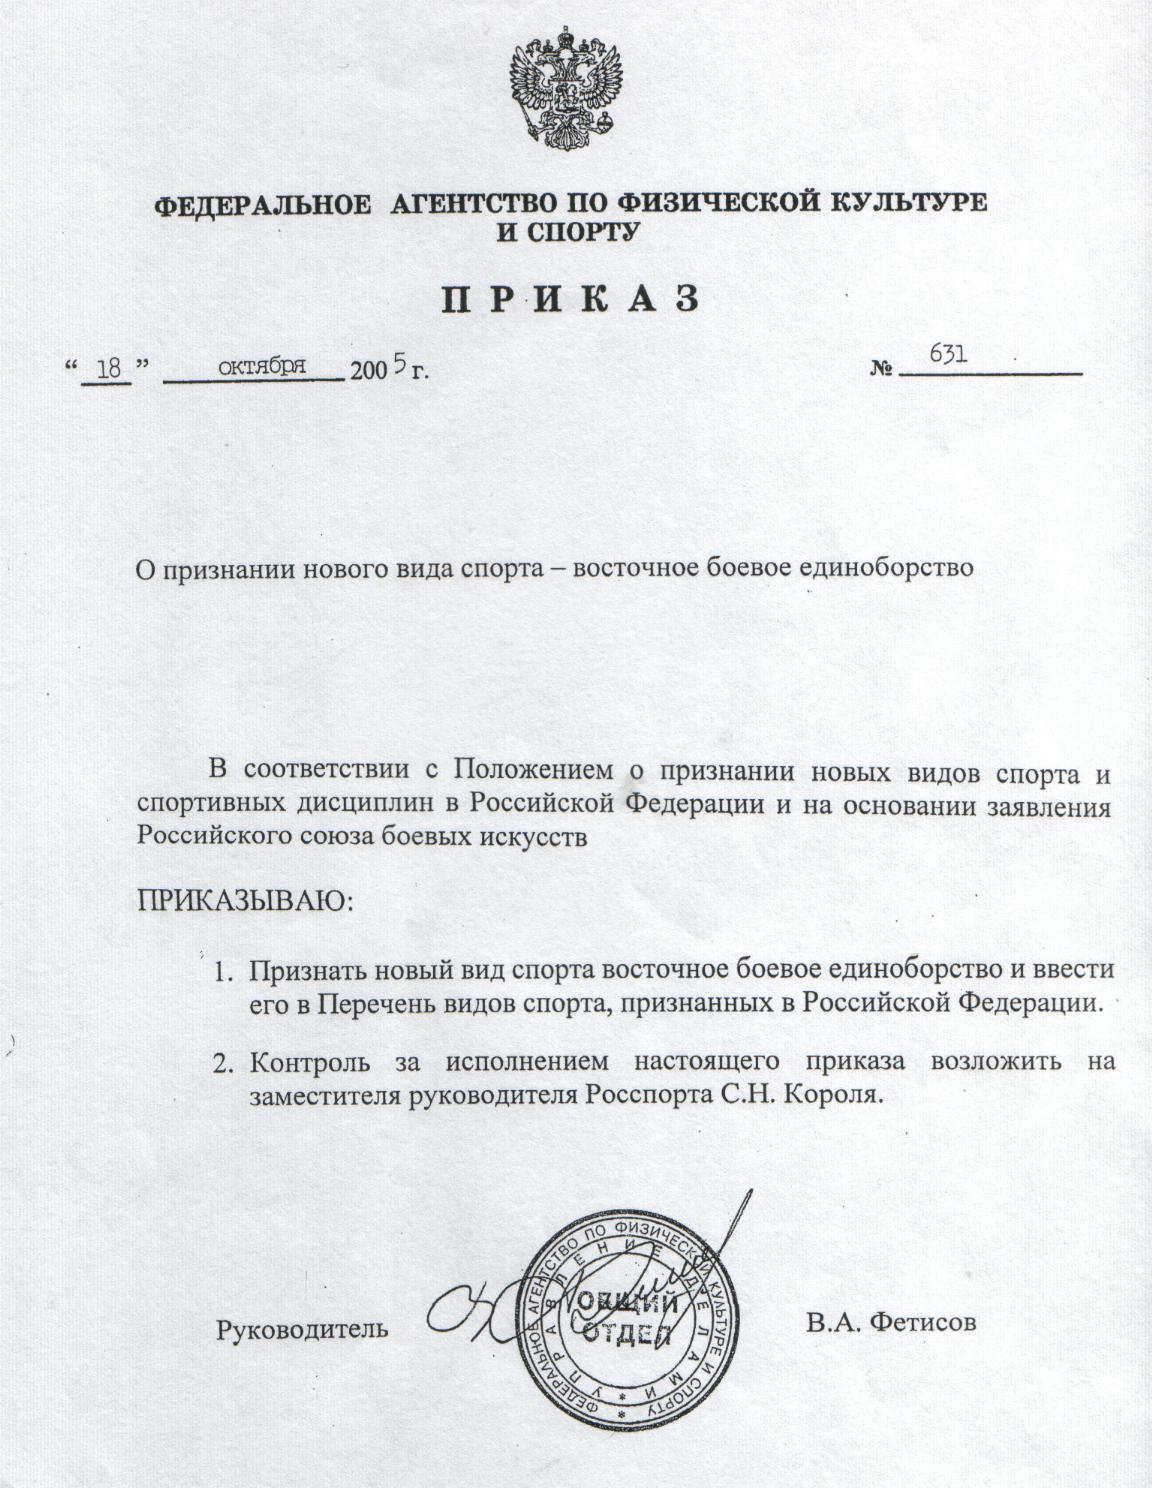 Приказ Росспорта № 631 о признании вида спорта Восточное боевое единоборство (ВБЕ)